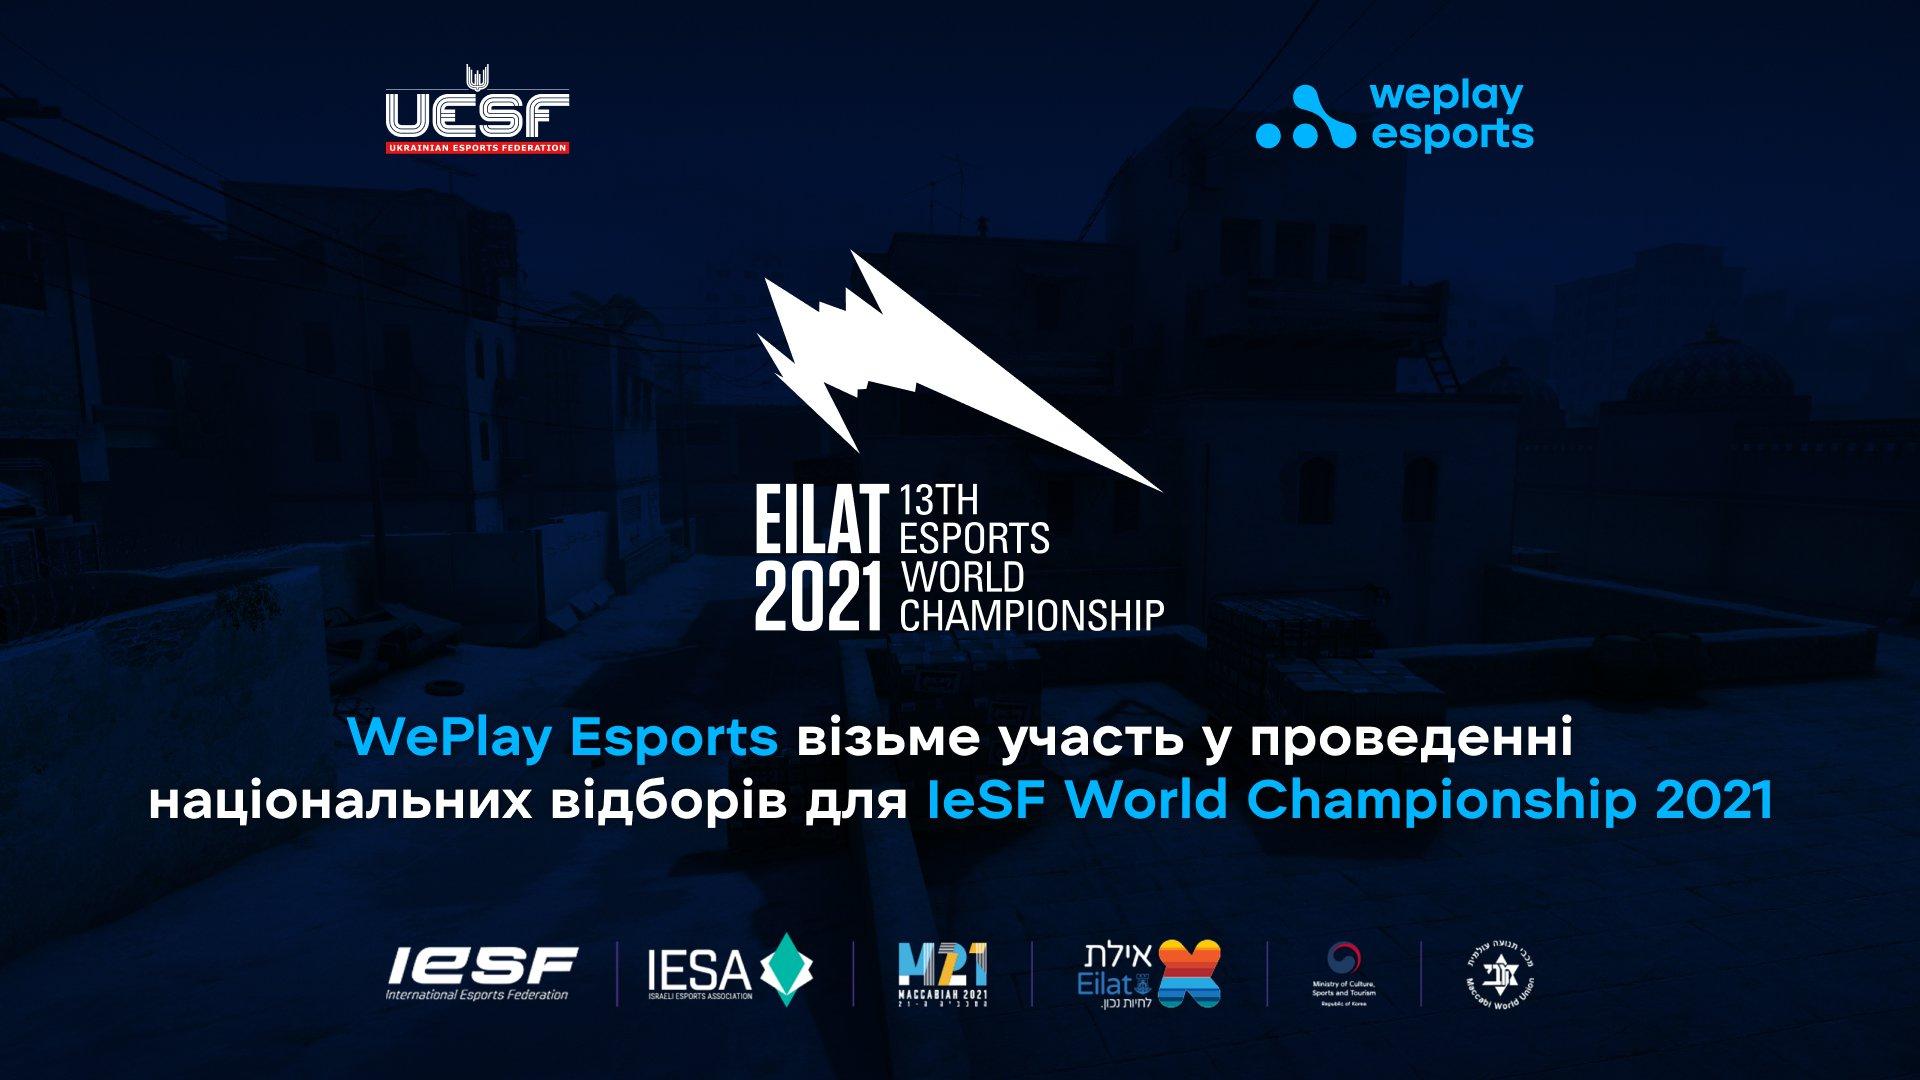 WePlay Esports візьме участь у проведенні національних відборів для IeSF World Championship 2021. Зображення: WePlay Holding